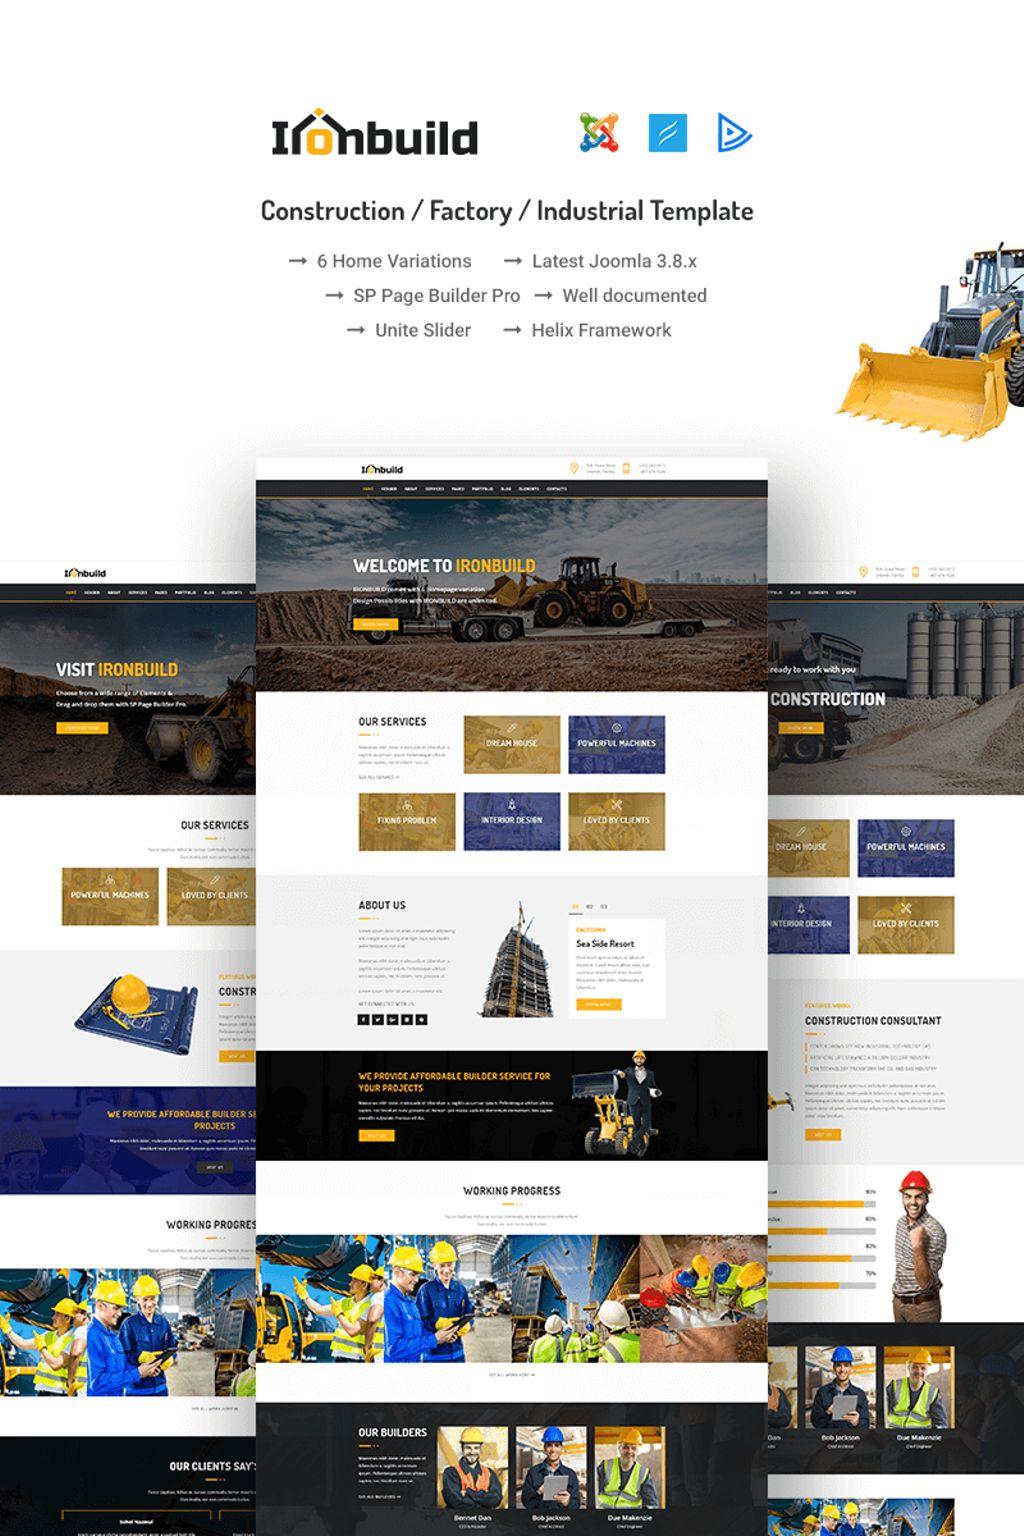 Ironbuild - Construction / Factory / Industrial Template Joomla №66982